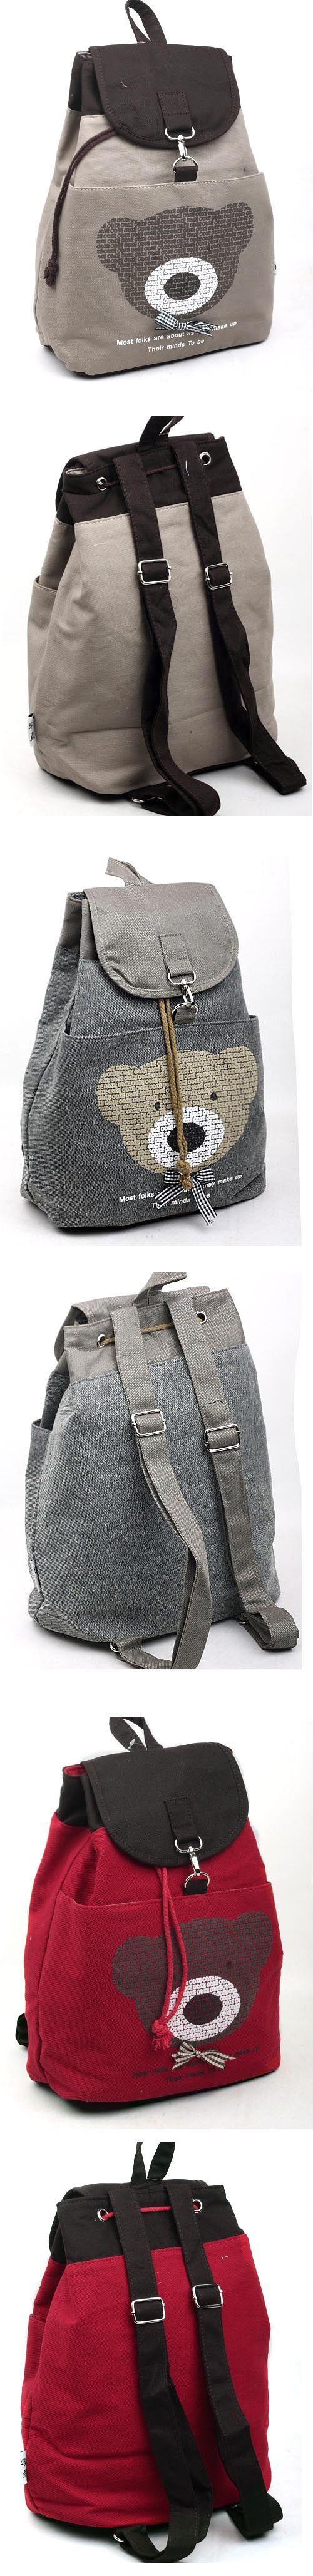 cartoon urso bobo lona mochilas mochilas e malas de viagem para as meninas 2013 saco de lona bolsa das